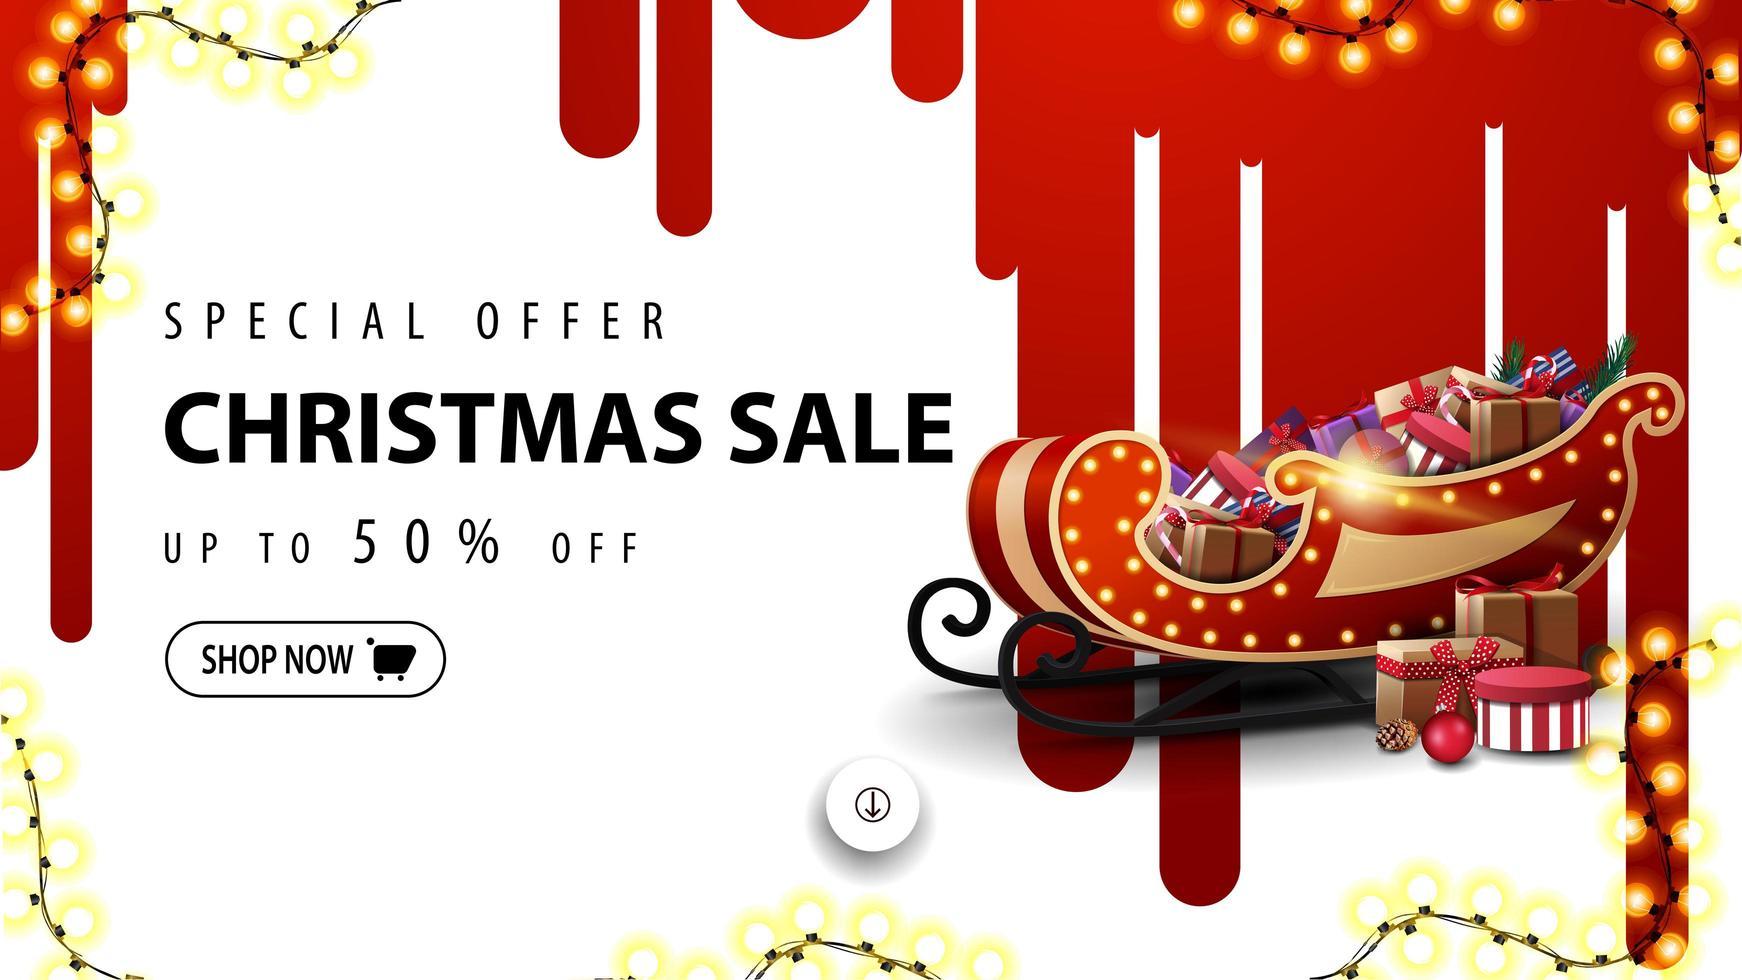 oferta especial, rebajas de navidad, hasta 50 de descuento, banner de descuento blanco con rayas rojas de pintura en la pared blanca y trineo de santa con regalos vector